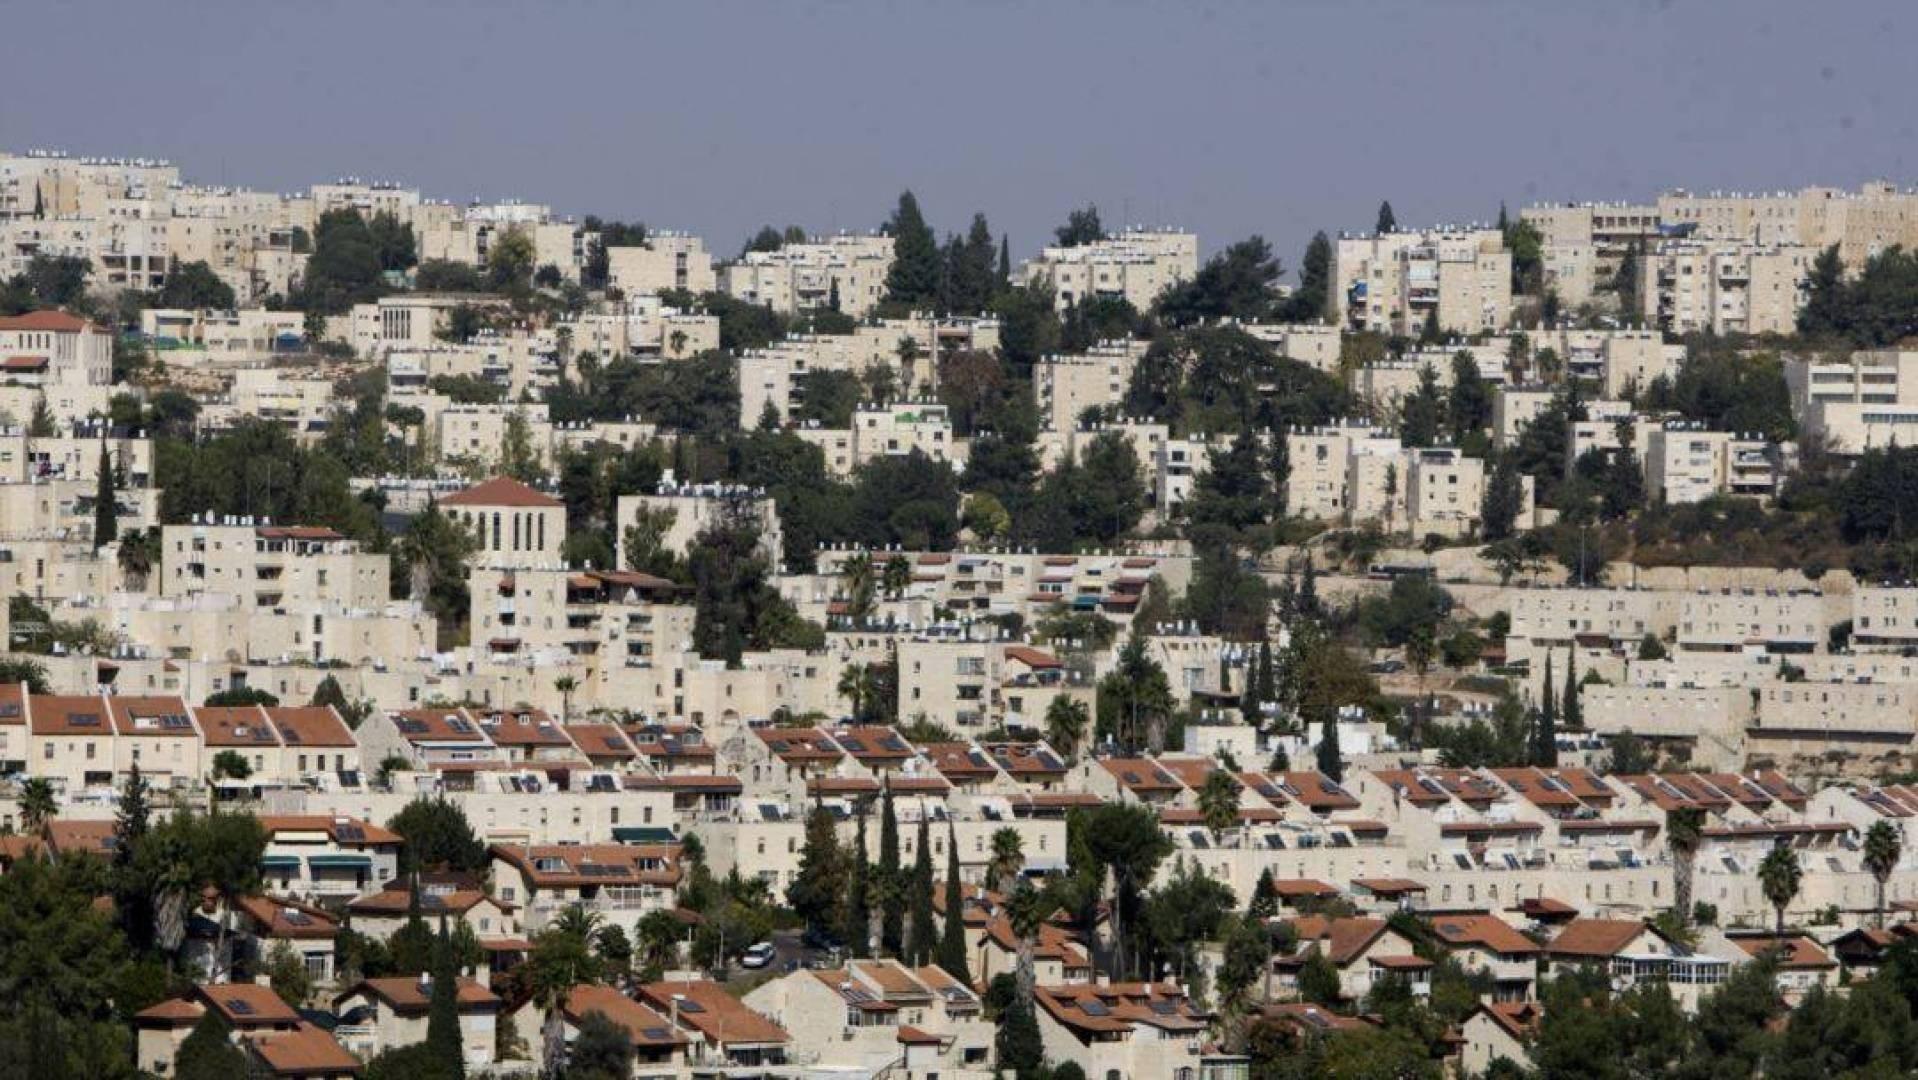 عَمّان تدين إعلان نتنياهو بناء ألاف المستوطنات الجديدة في القدس الشرقية